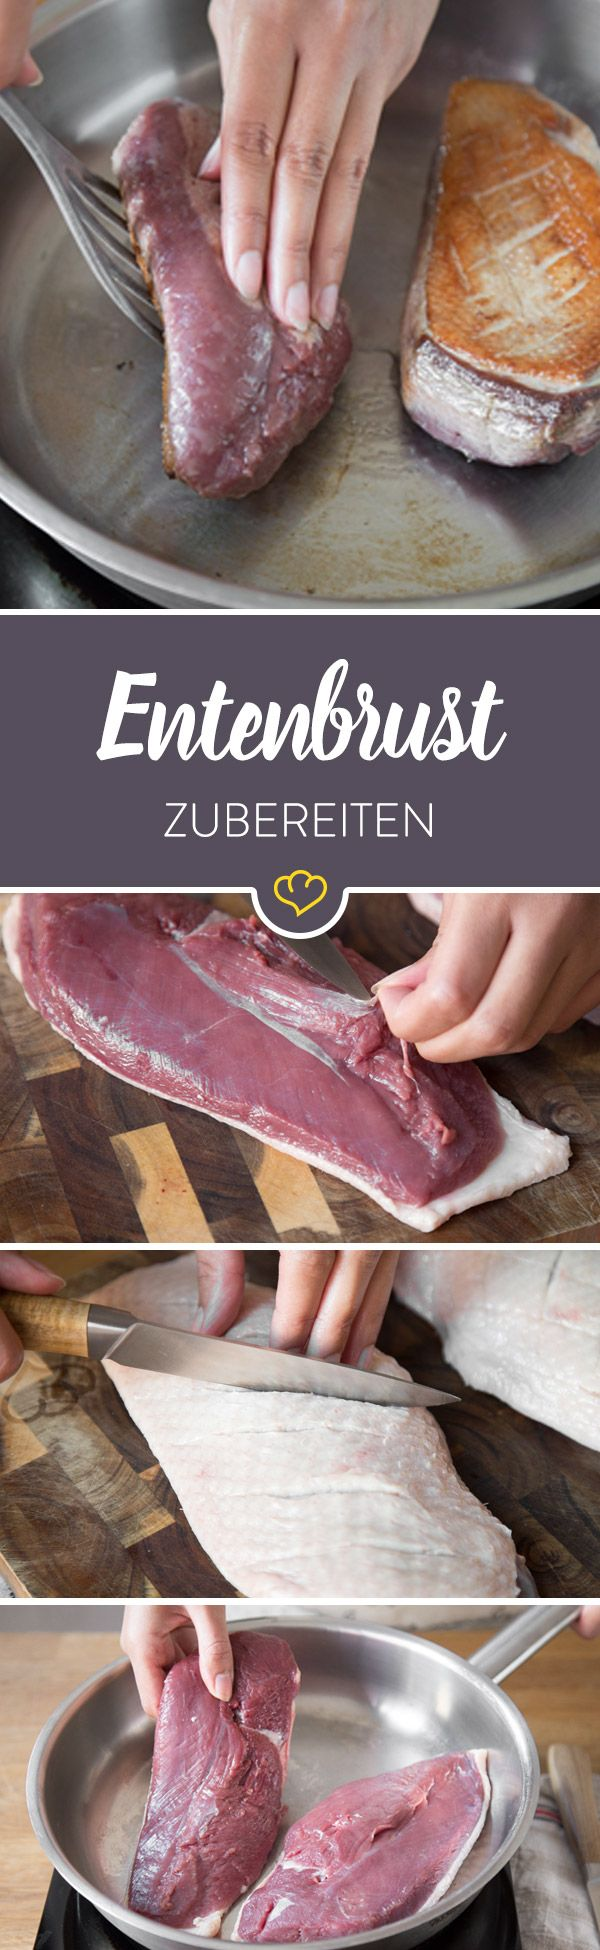 Verbanne trockenes, zähes Entenfleisch aus deiner Küche. Mit diesen 4 Methoden garst du Entenbrust wunderbar zart, saftig und rosa.